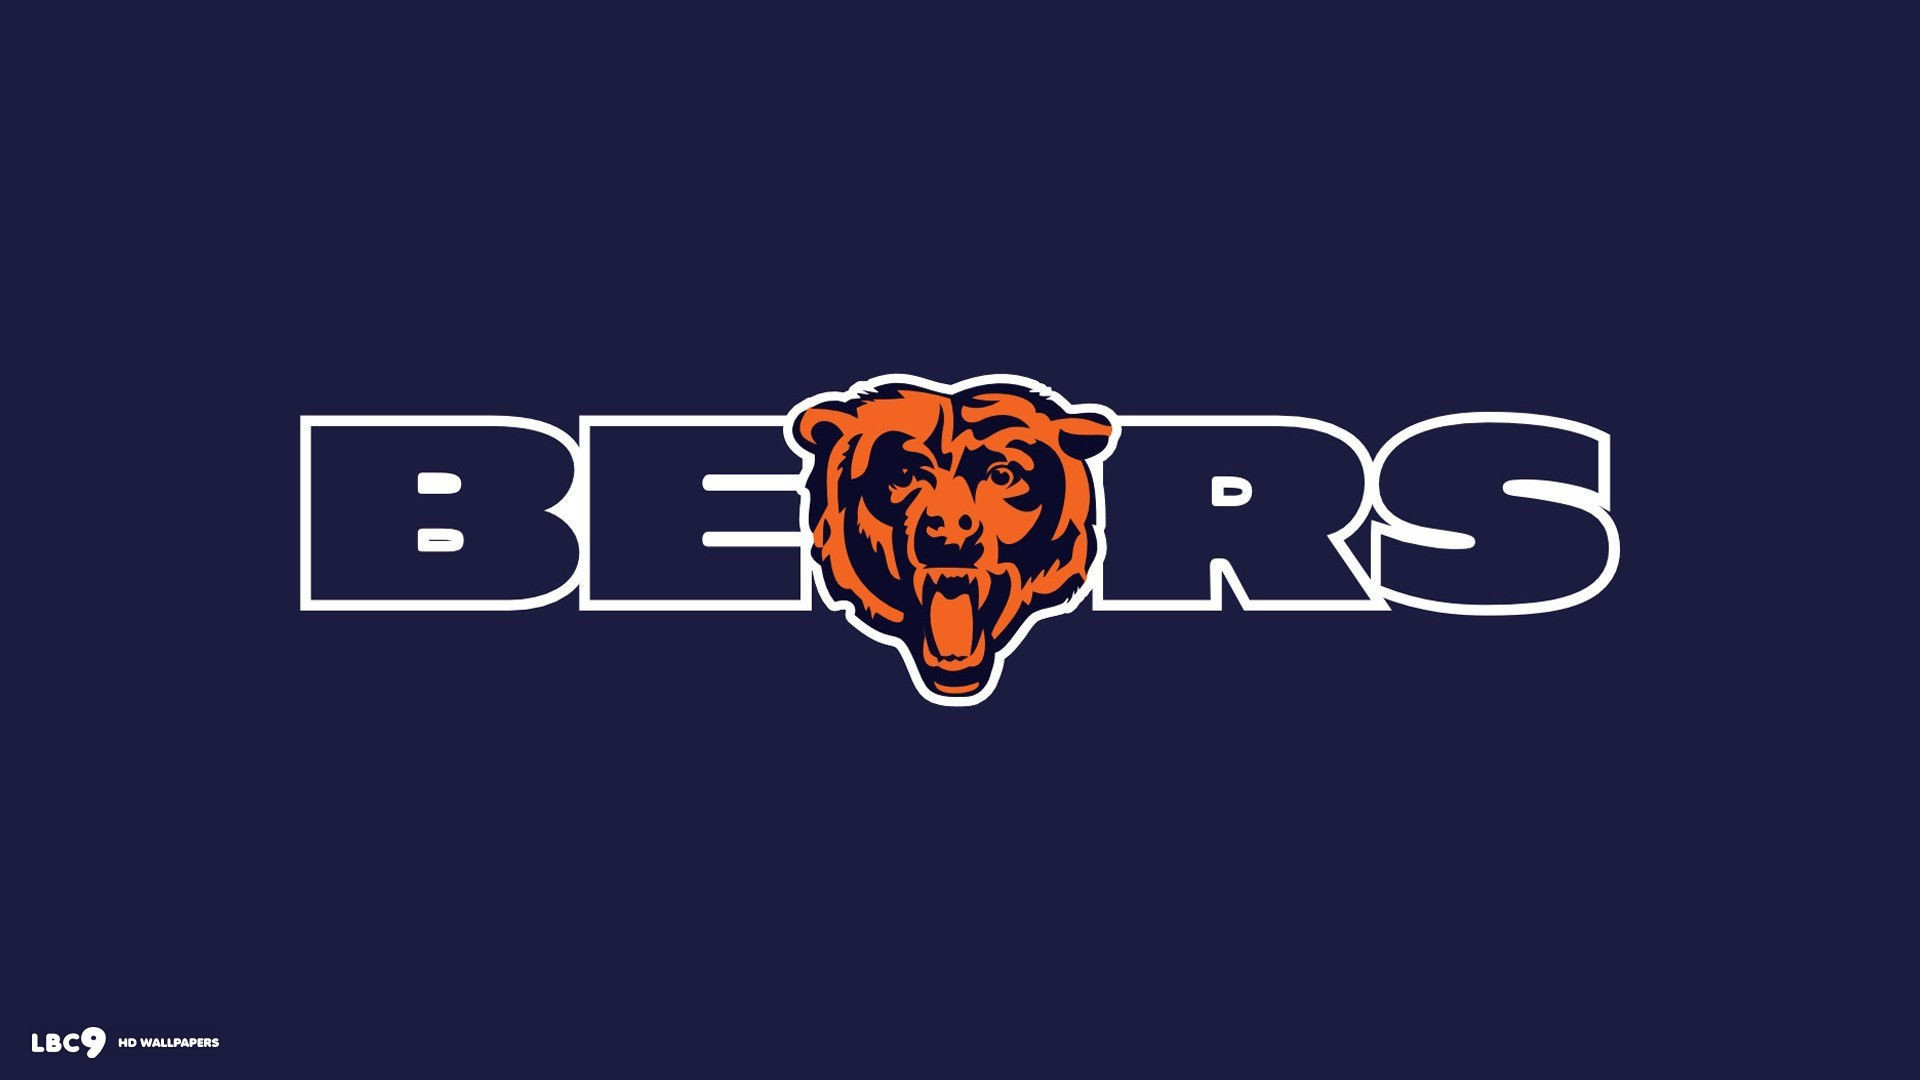 chicago bears nfl team 1080p widescreen